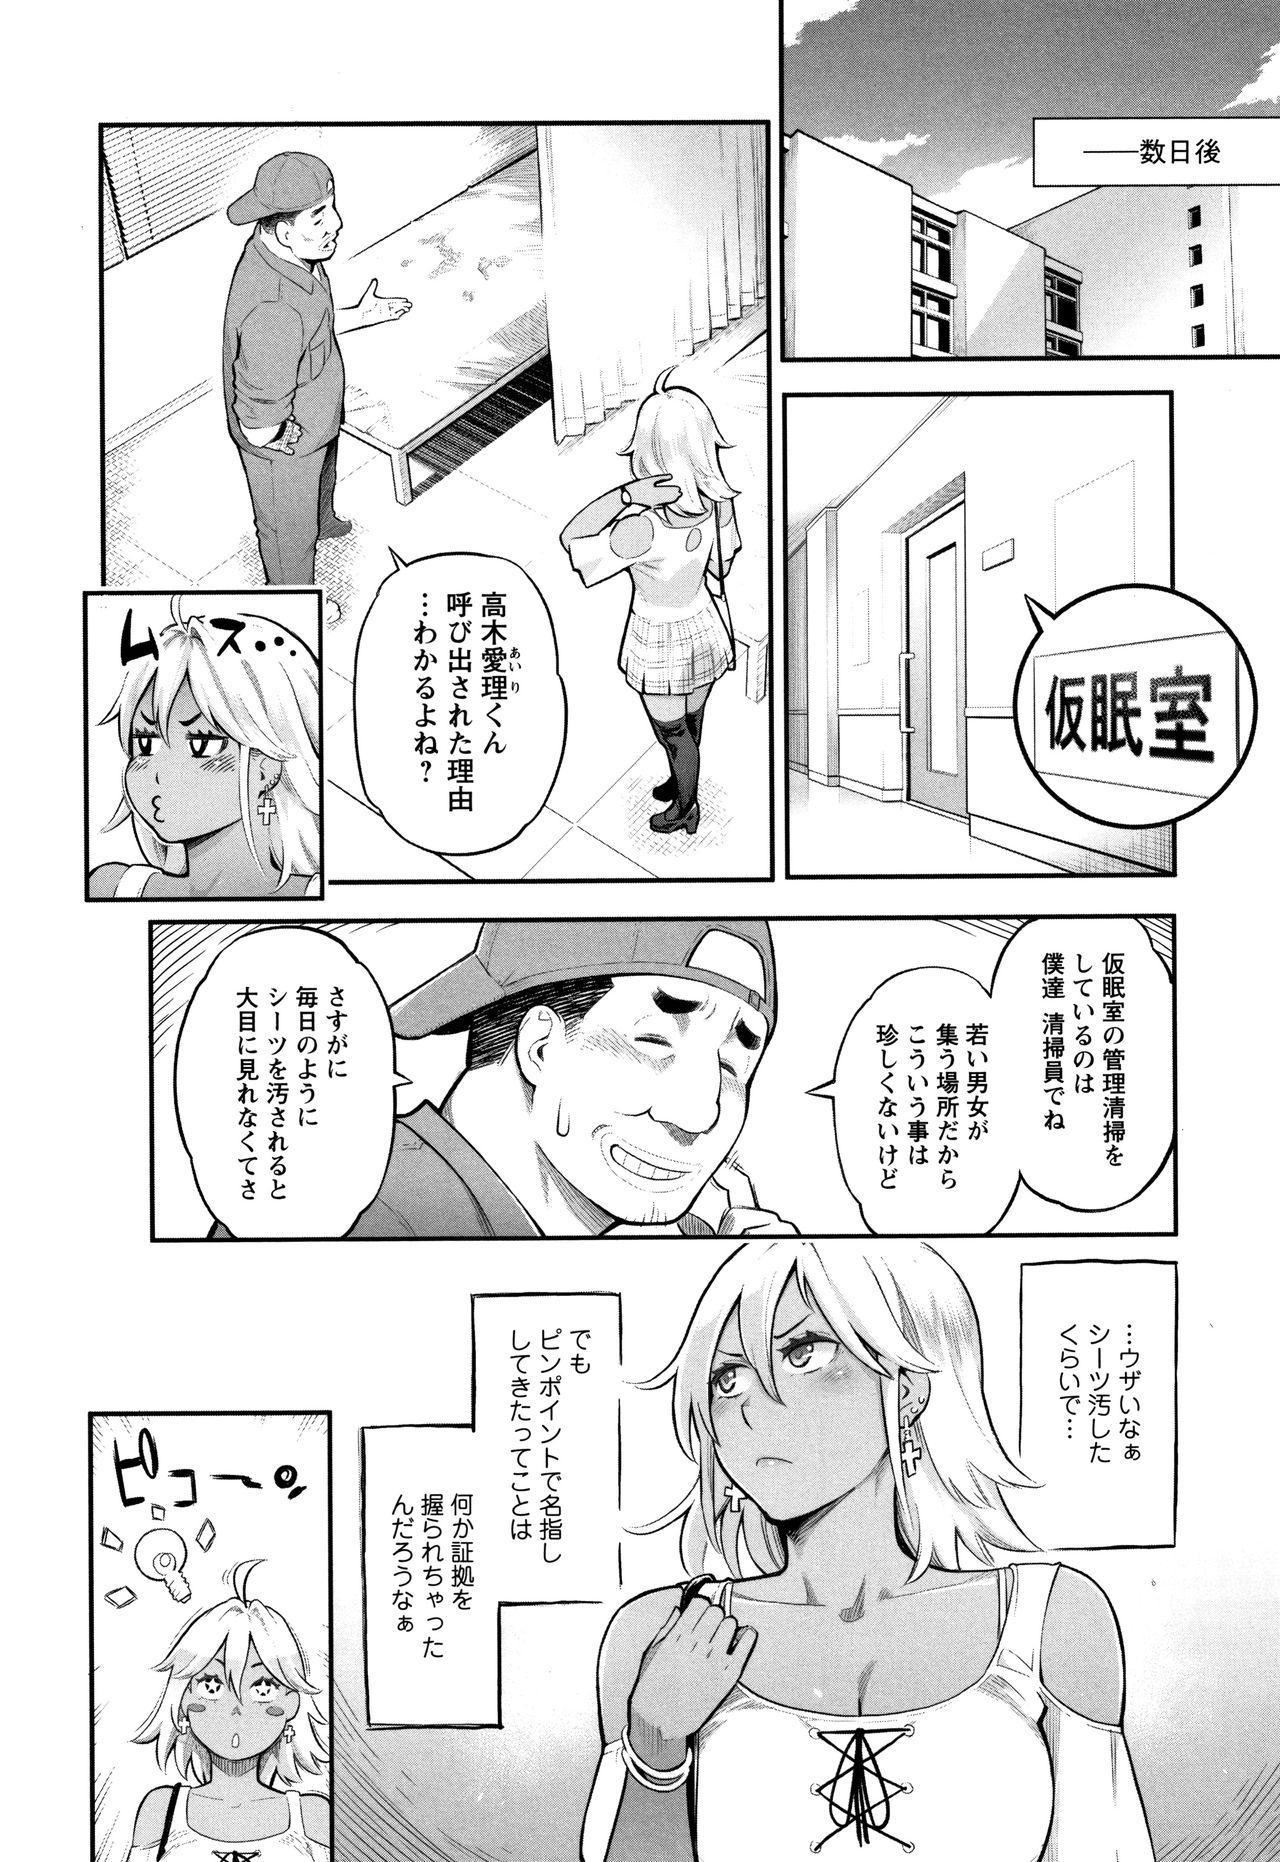 Toketa Risei wa Biyaku no Kaori 46